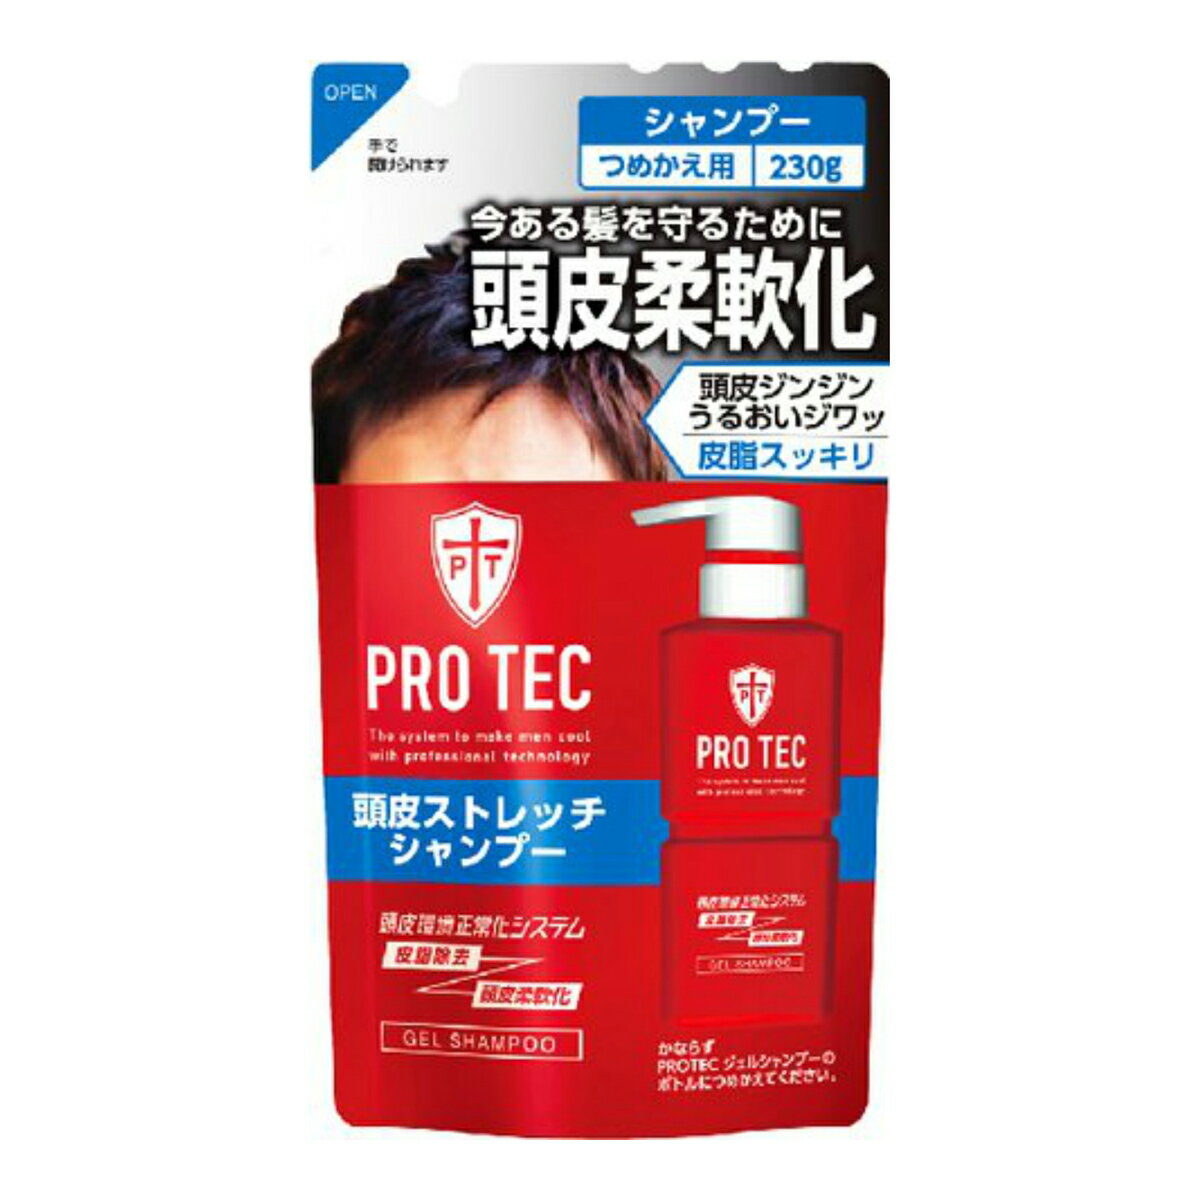 【送料無料・まとめ買い×5】ライオン PRO TEC ( プロテク ) 頭皮ストレッチ シャンプー つめかえ用 230g ×5点セット ( 4903301231189 )